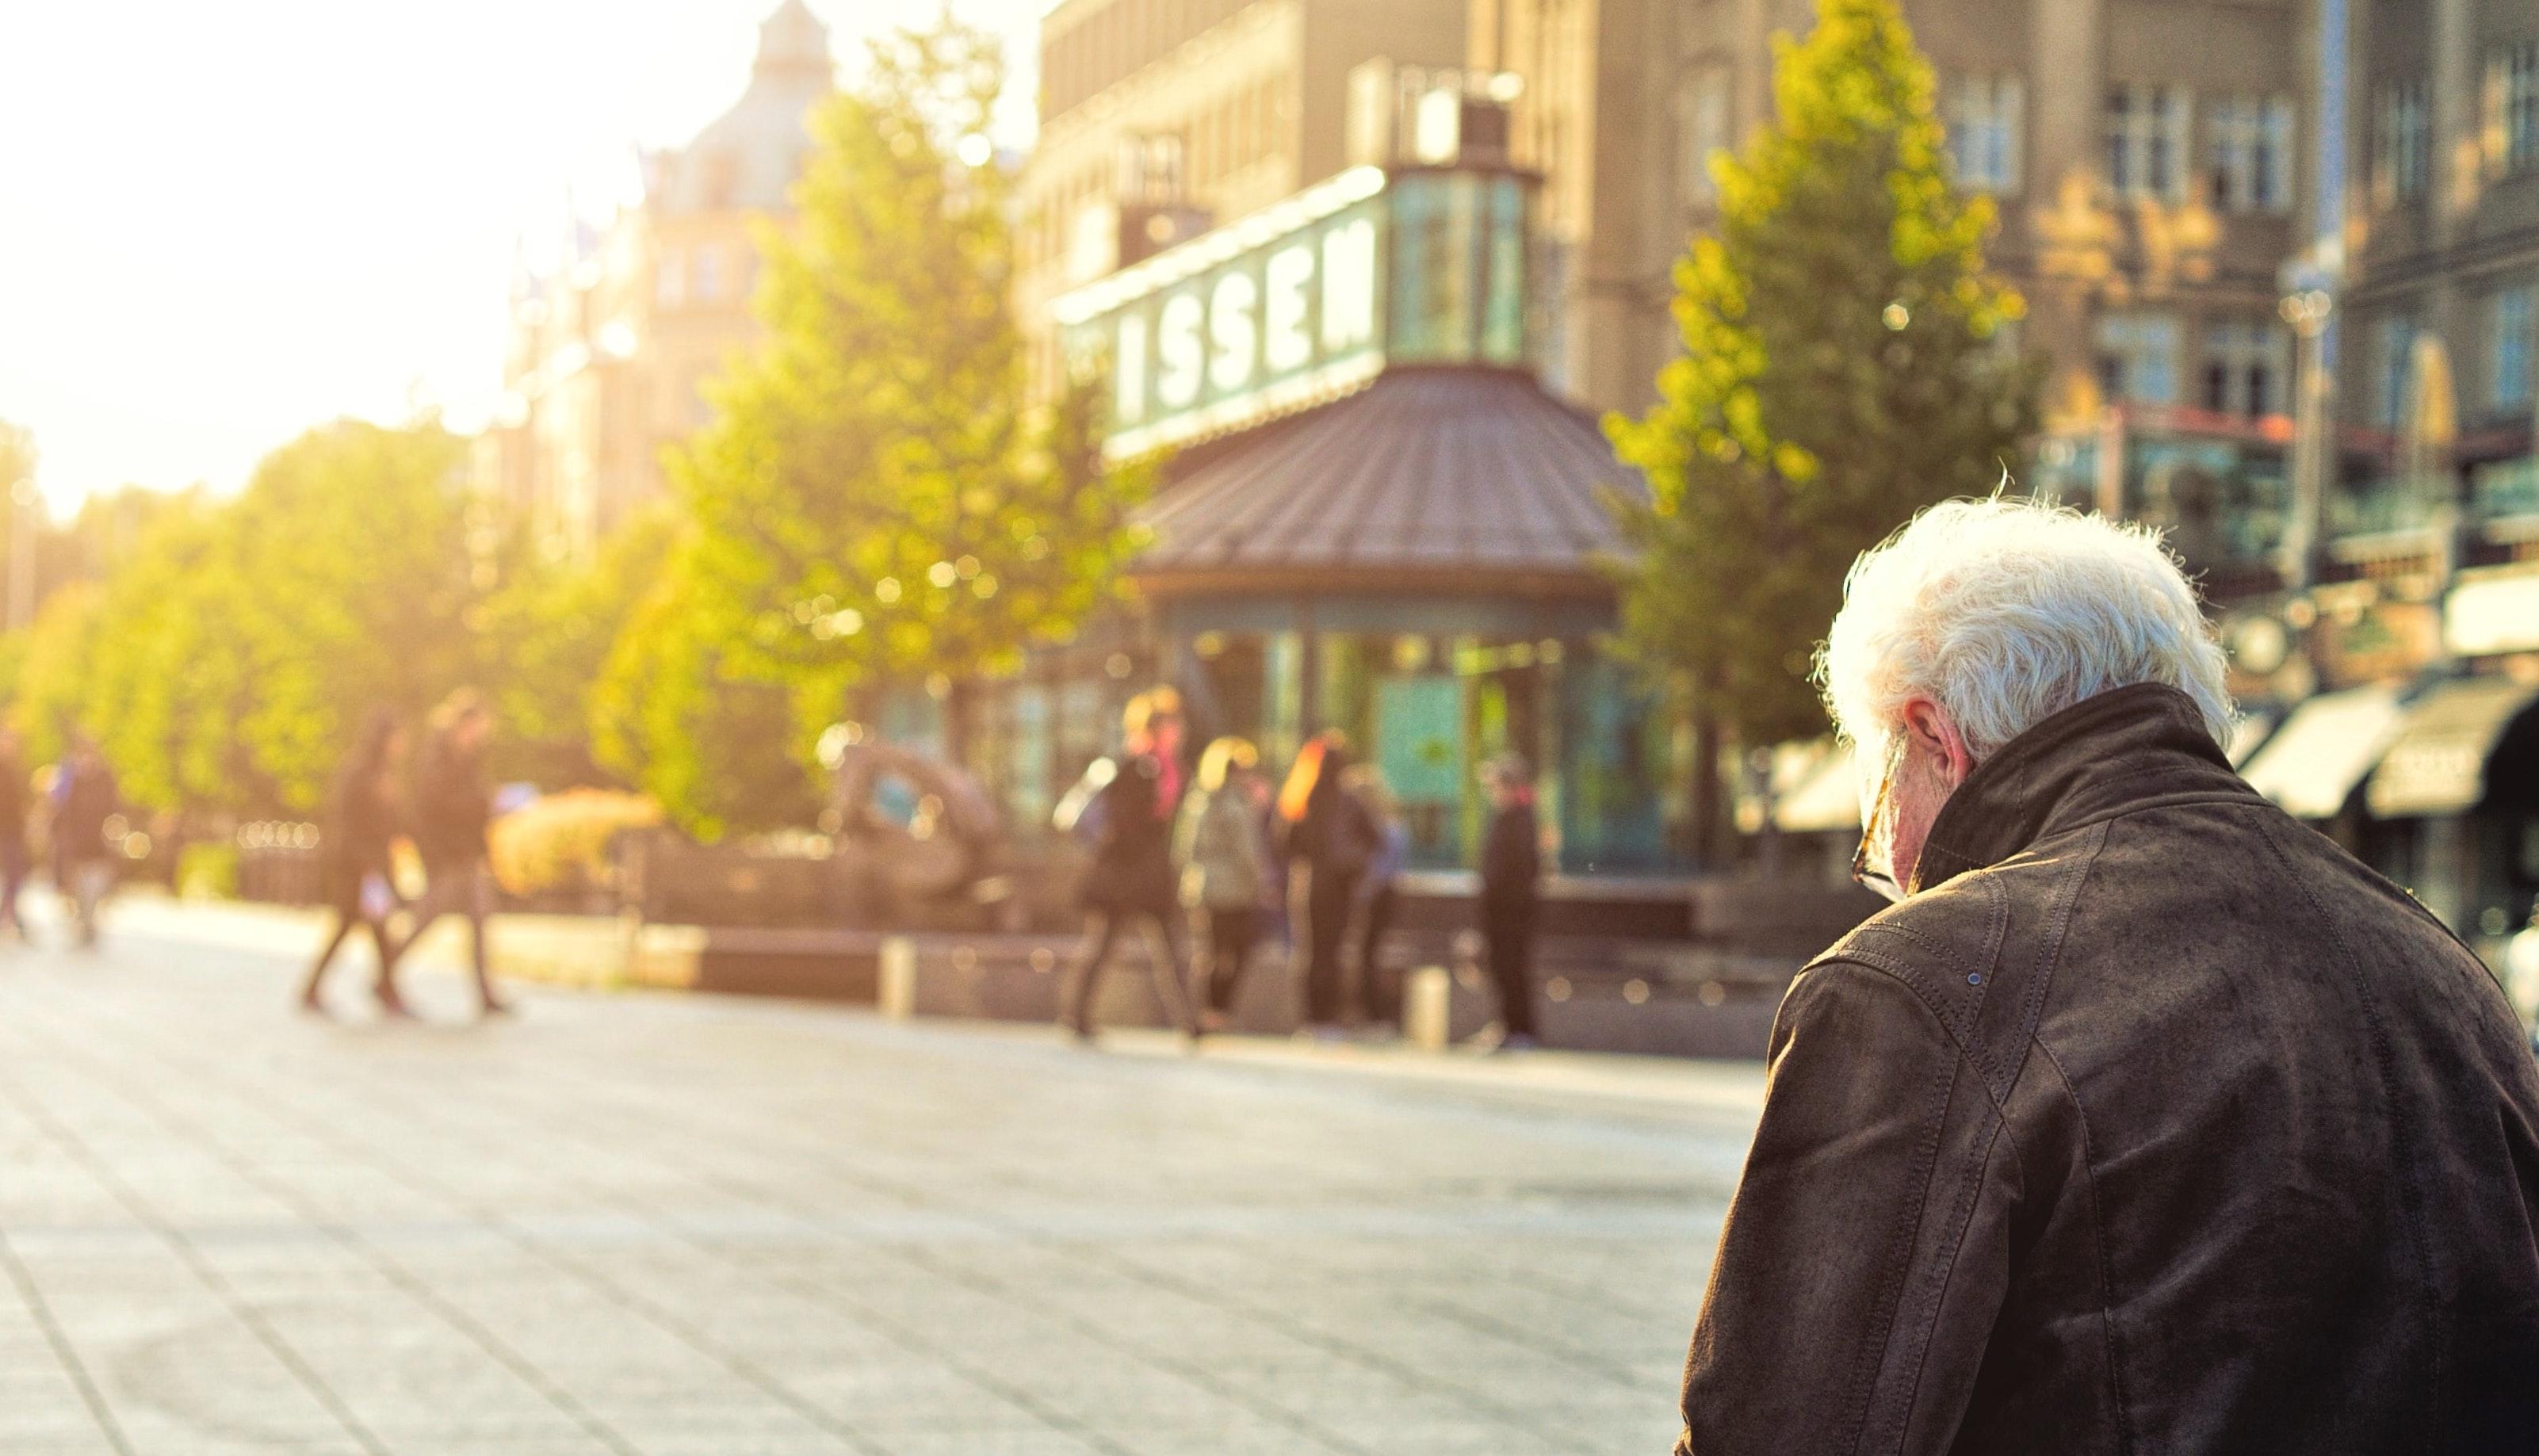 Projekt i Valsta ska minska ensamhet bland ldre - Sigtuna